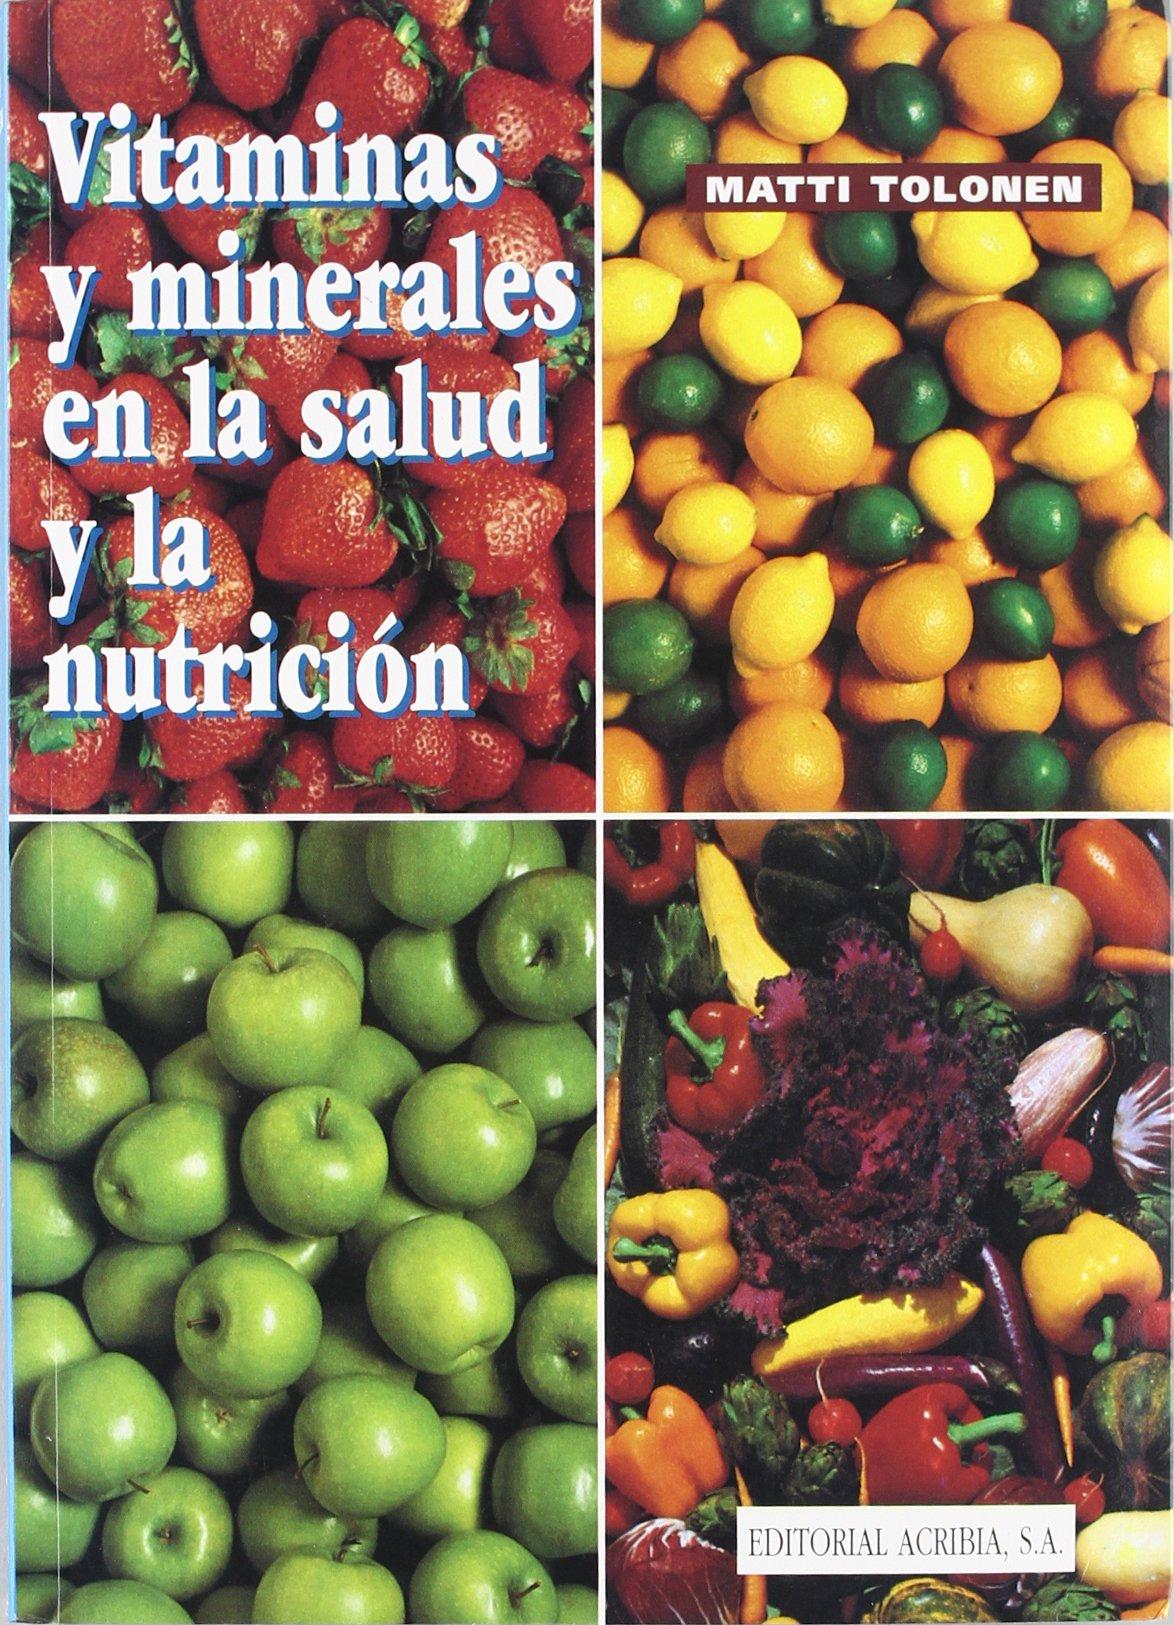 Vitaminas y Minerales En La Salud y La Nutricion (Spanish Edition): Matti Tolonen: 9788420007809: Amazon.com: Books